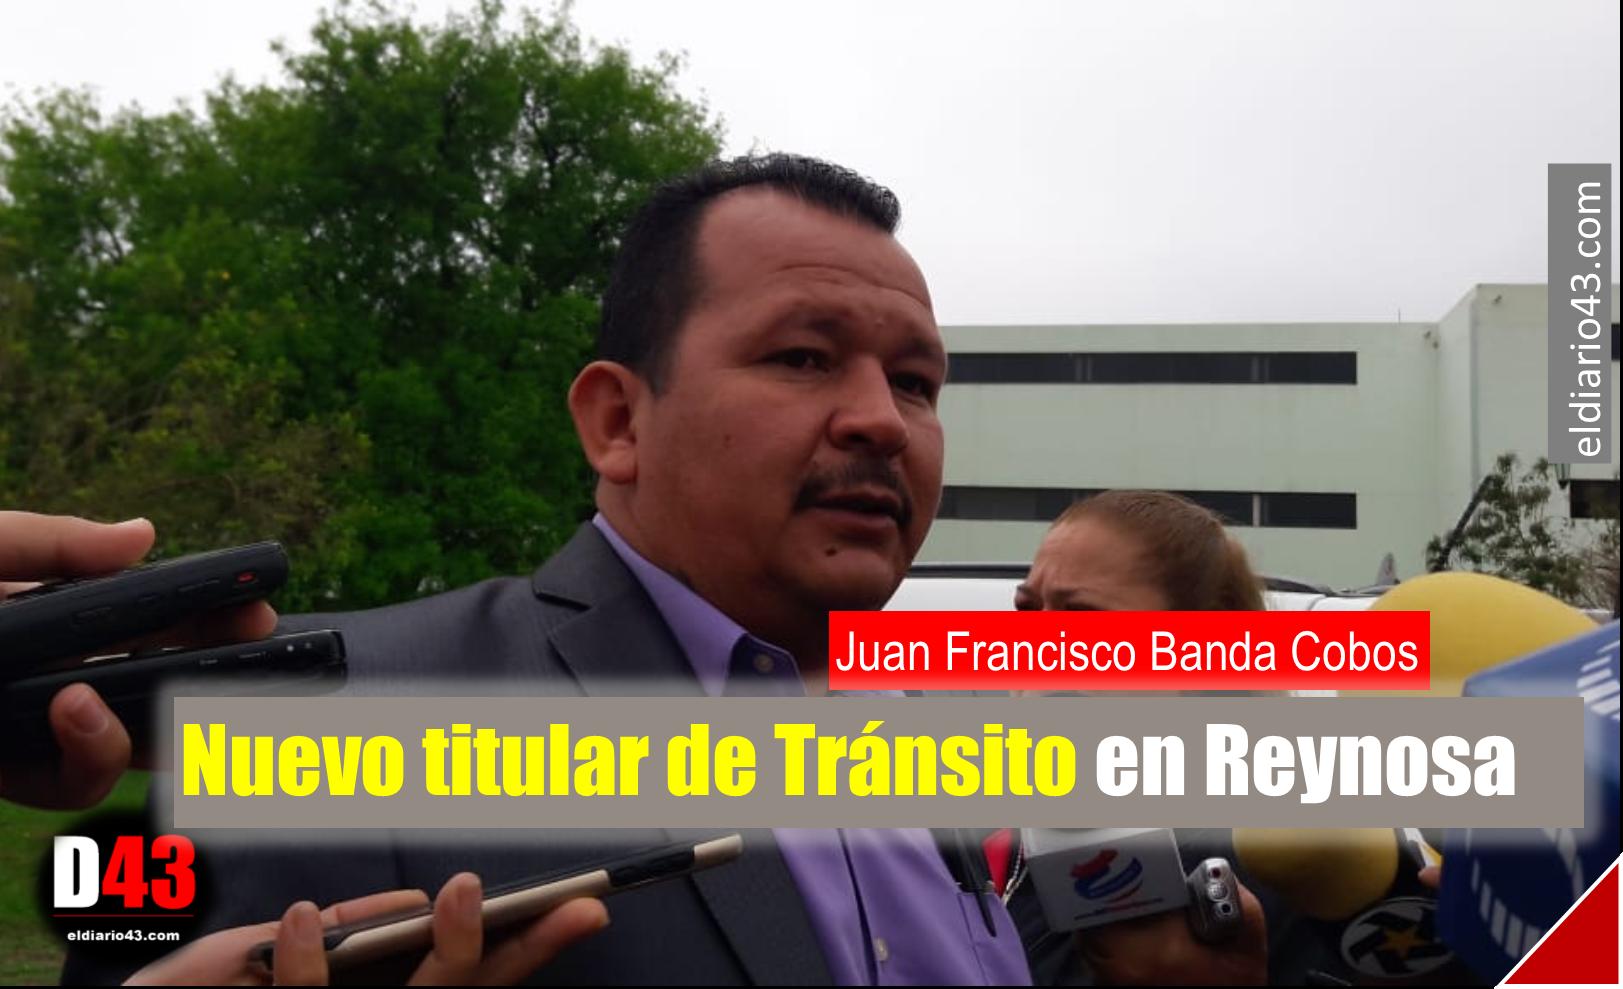 Nuevo titular de Tránsito en Reynosa